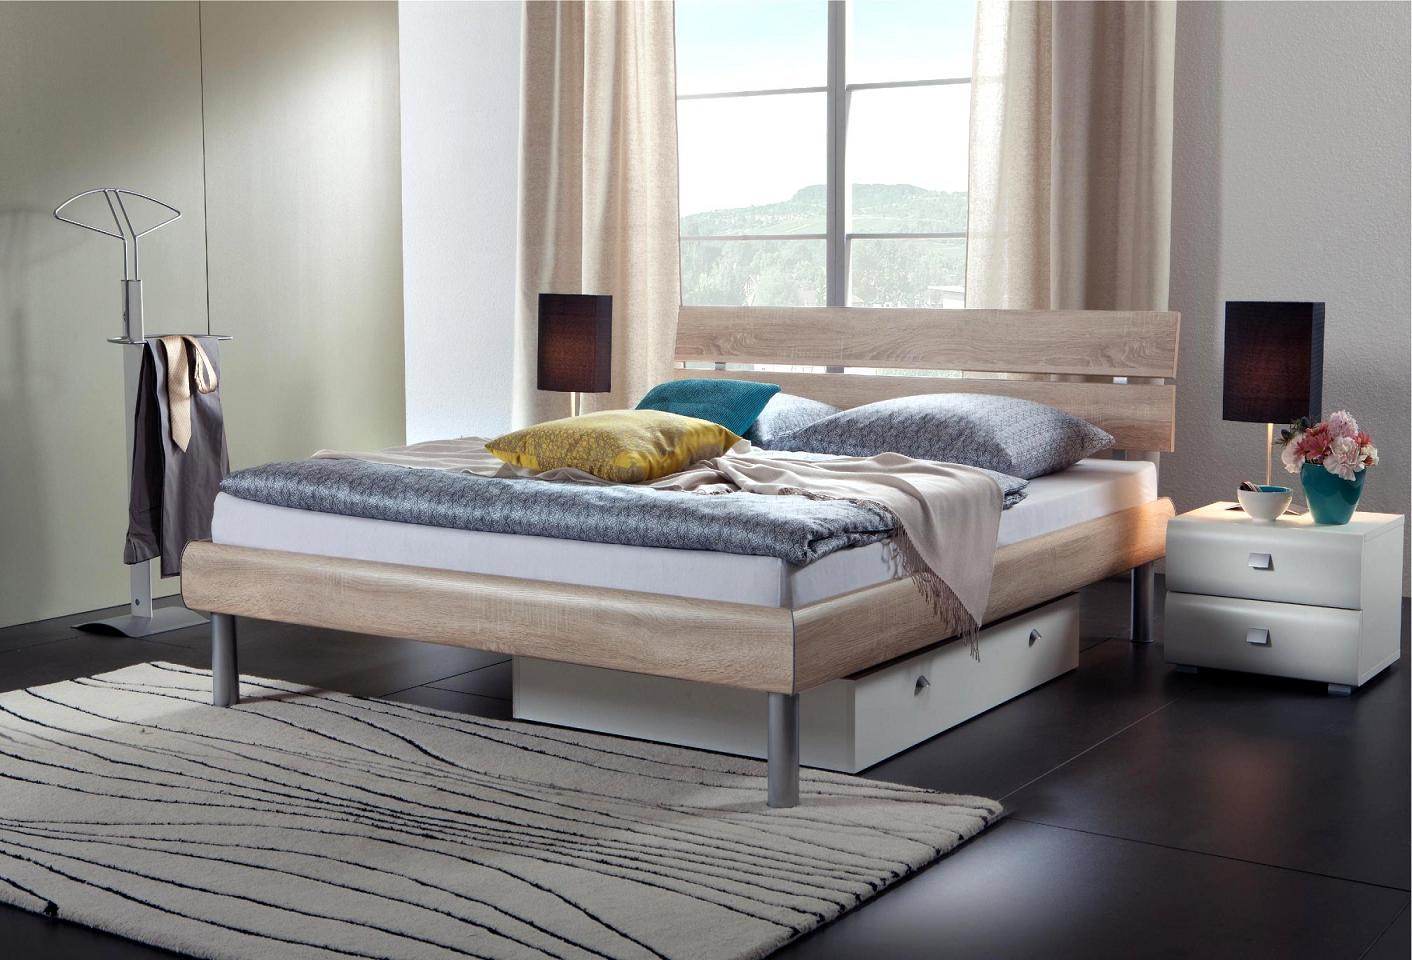 betten nach ma liegefl che 180x200 cm g nstig kaufen m bel universum. Black Bedroom Furniture Sets. Home Design Ideas